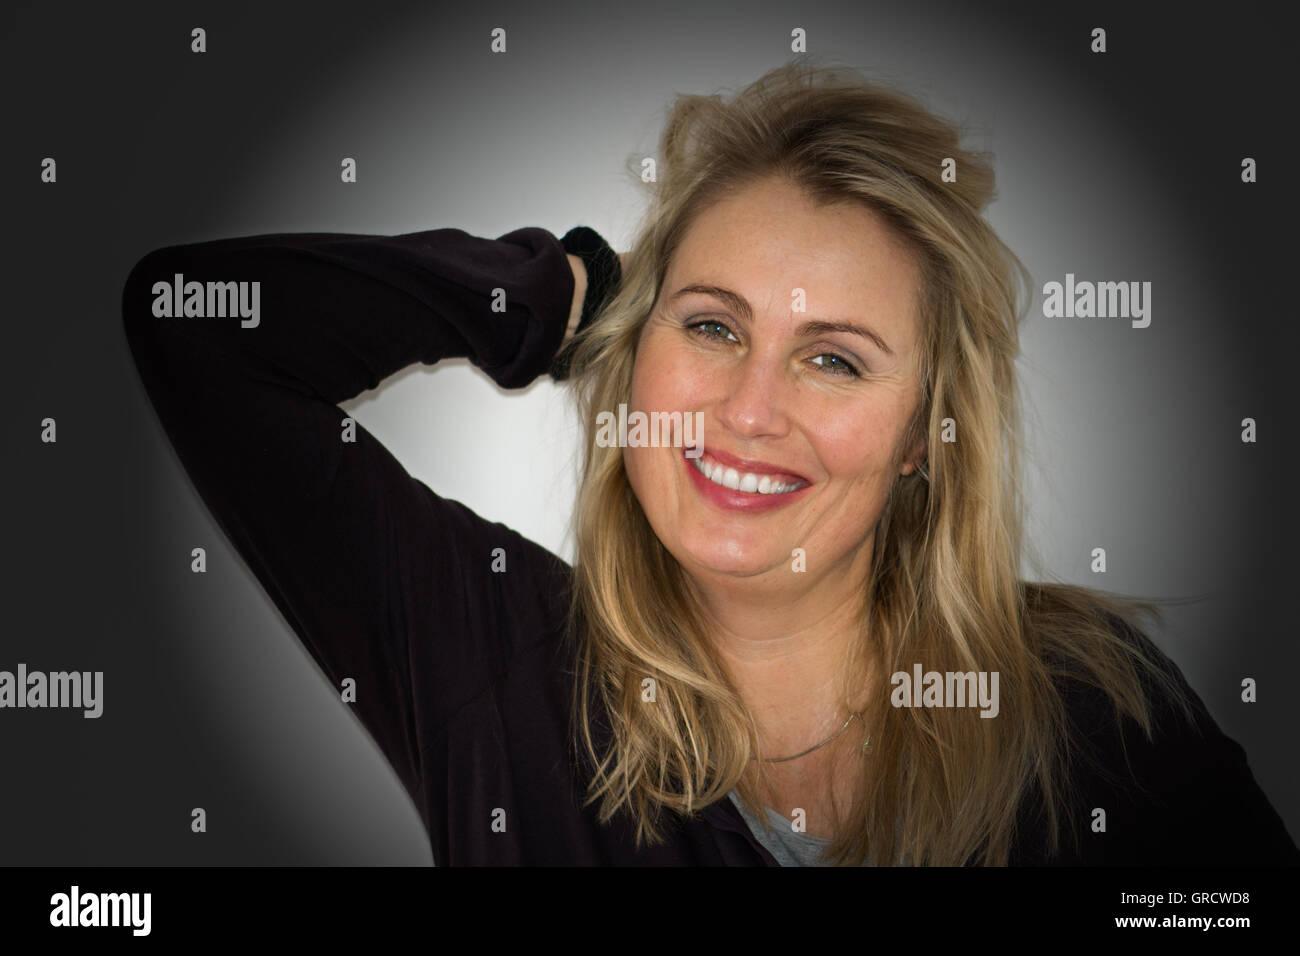 Porträt einer hübsche blonde Frau lachend in die Kamera, Studioaufnahme Stockbild